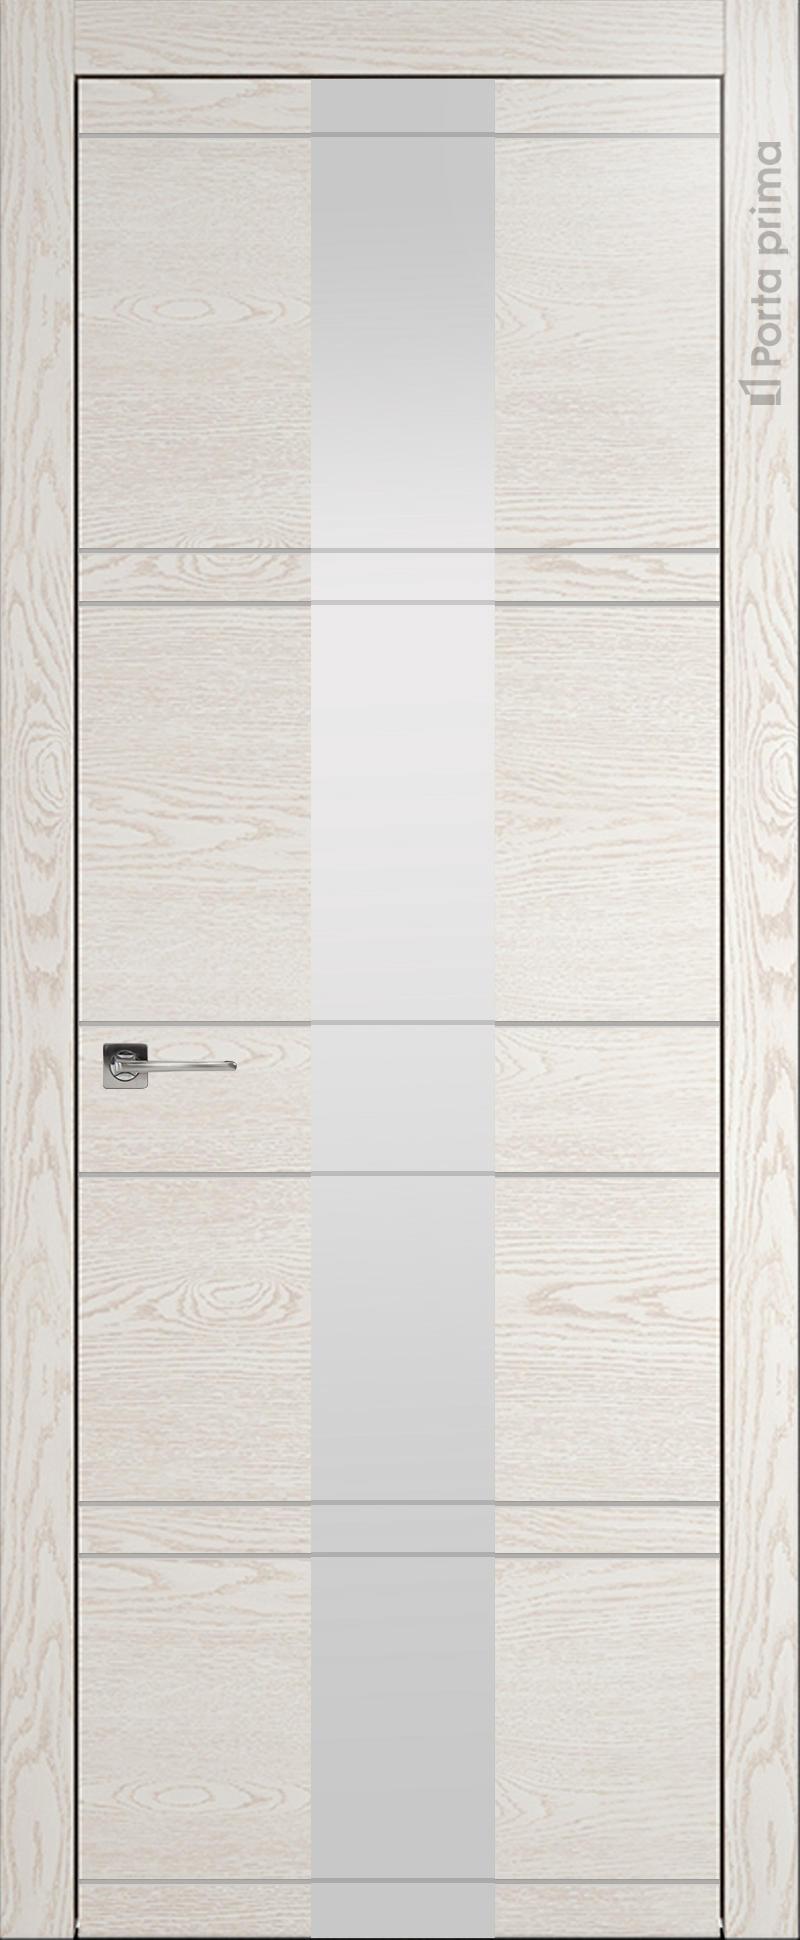 Tivoli Ж-2 цвет - Белый ясень (nano-flex) Со стеклом (ДО)